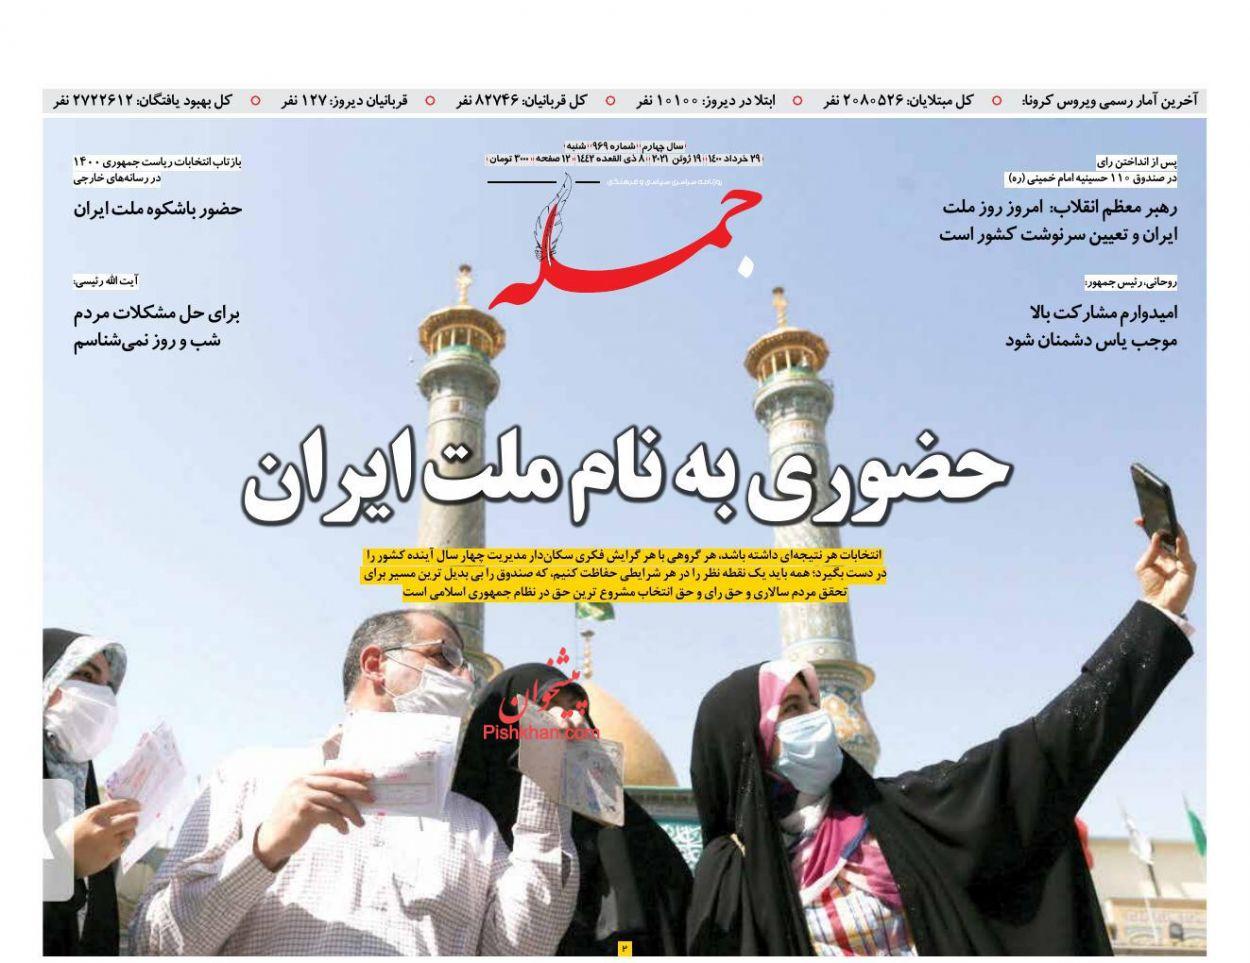 عناوین اخبار روزنامه جمله در روز شنبه ۲۹ خرداد